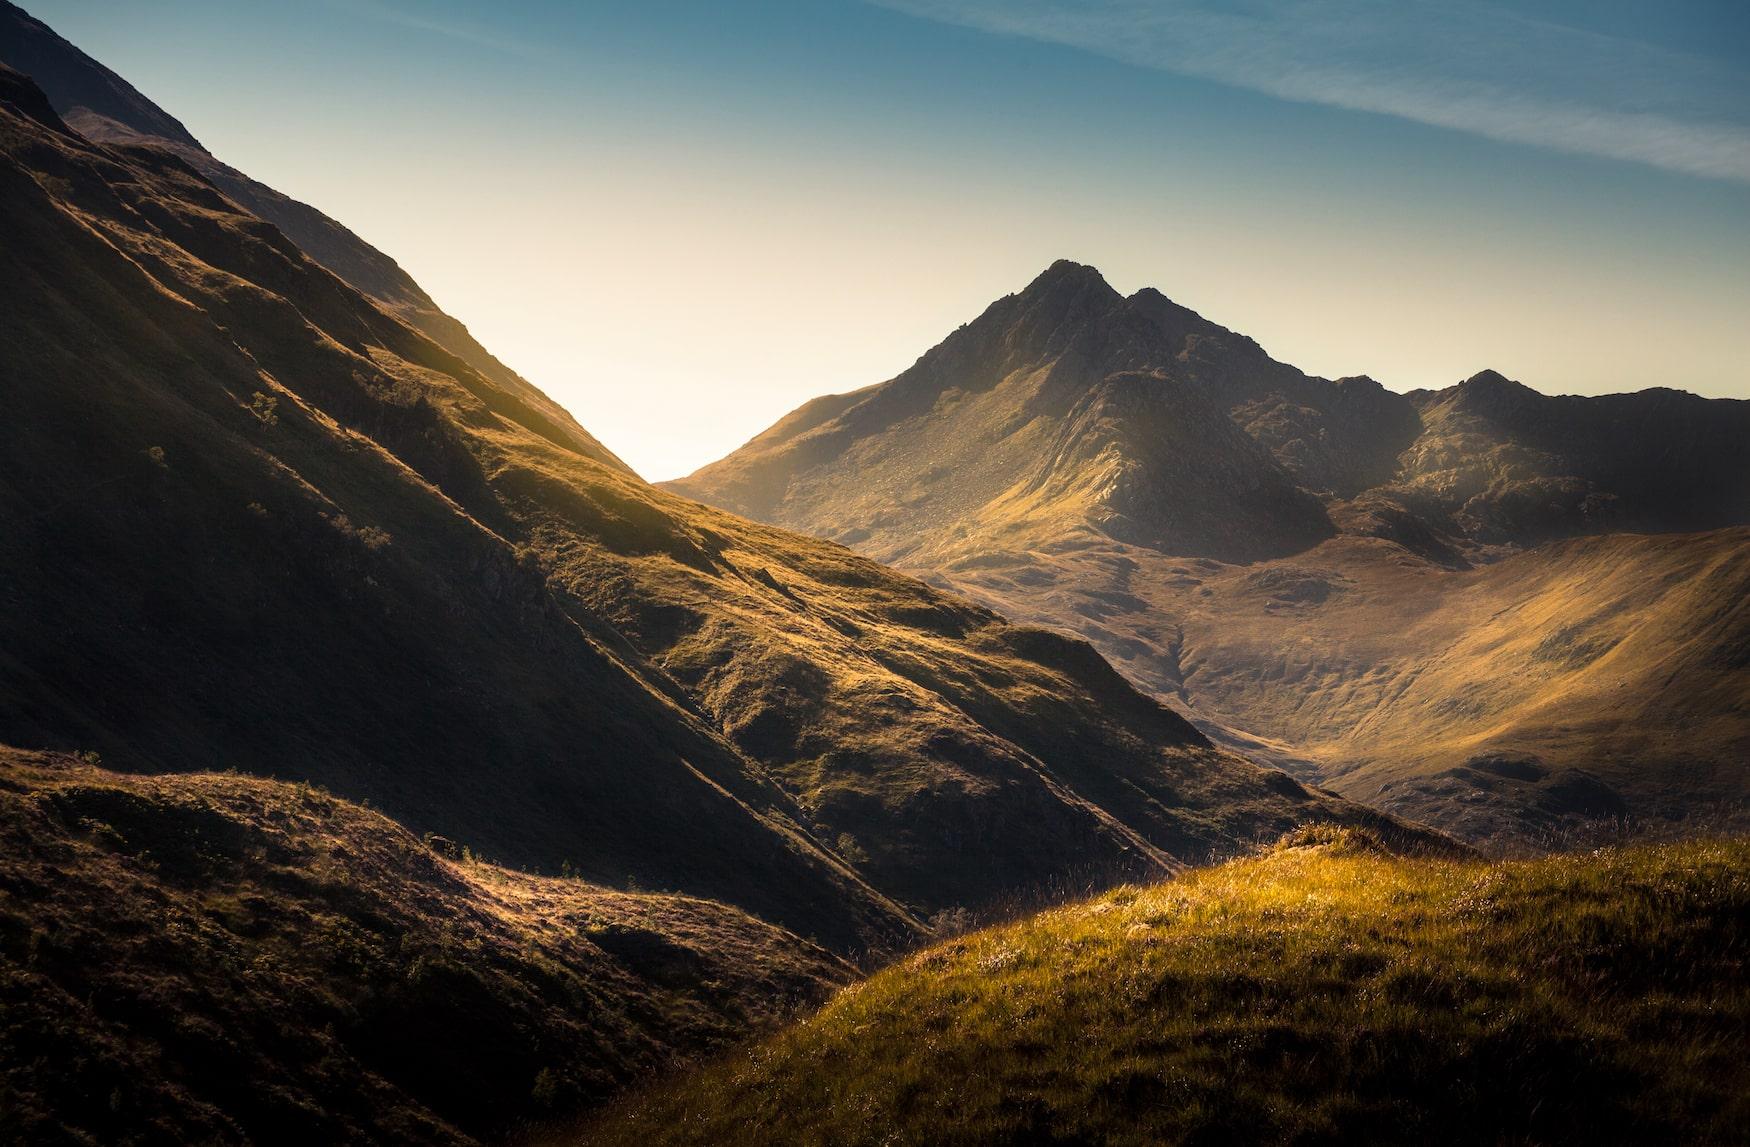 Die Landschaften der Highlands in Schottland